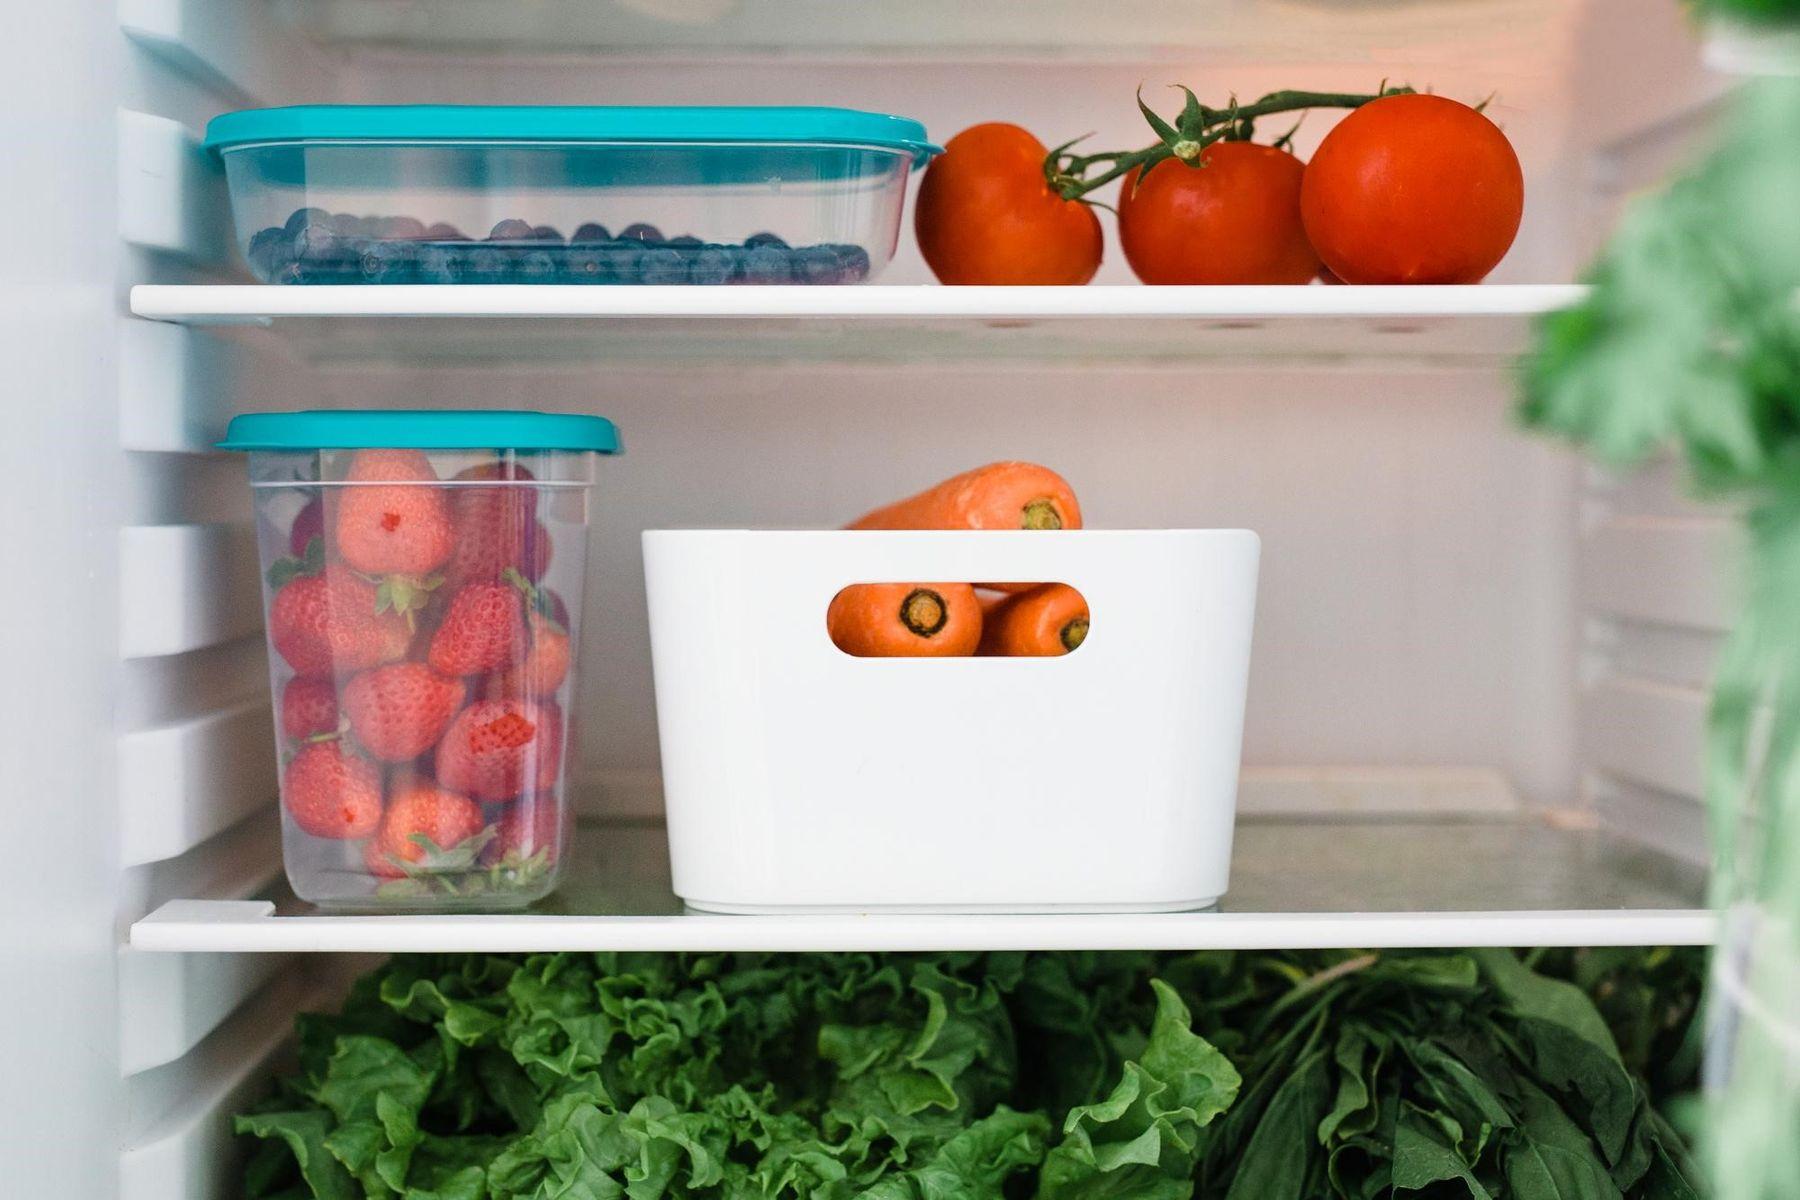 Prateleiras internas da geladeira contendo tomates, potes de mirtilo e morangos, vasilha com cenouras e prateleira com vegetais